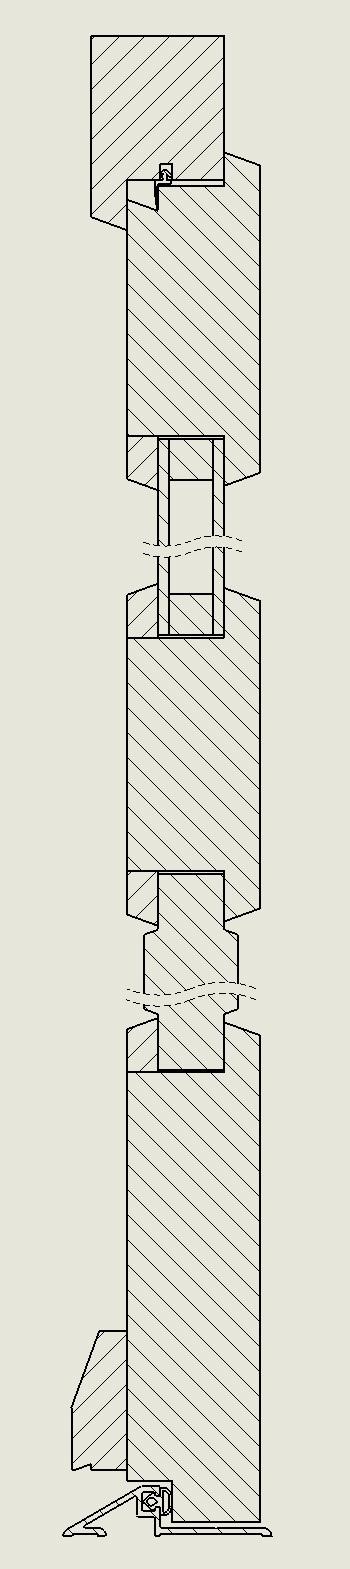 Porte fenetre 48mm Coupe_13